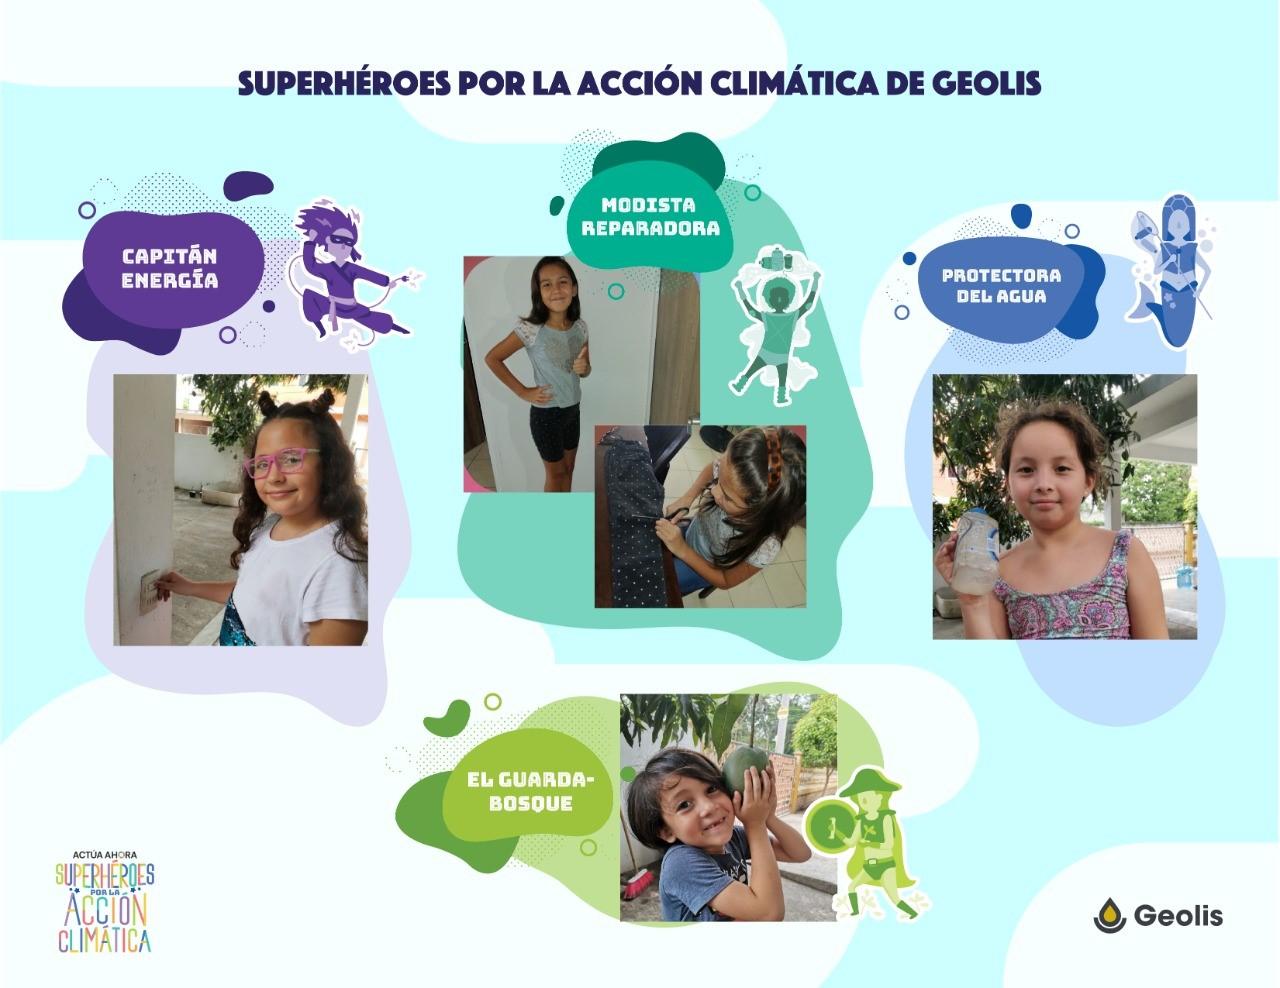 Geolis empodera a los niños para proteger al planeta con la iniciativa #Actuaahora de la ONU